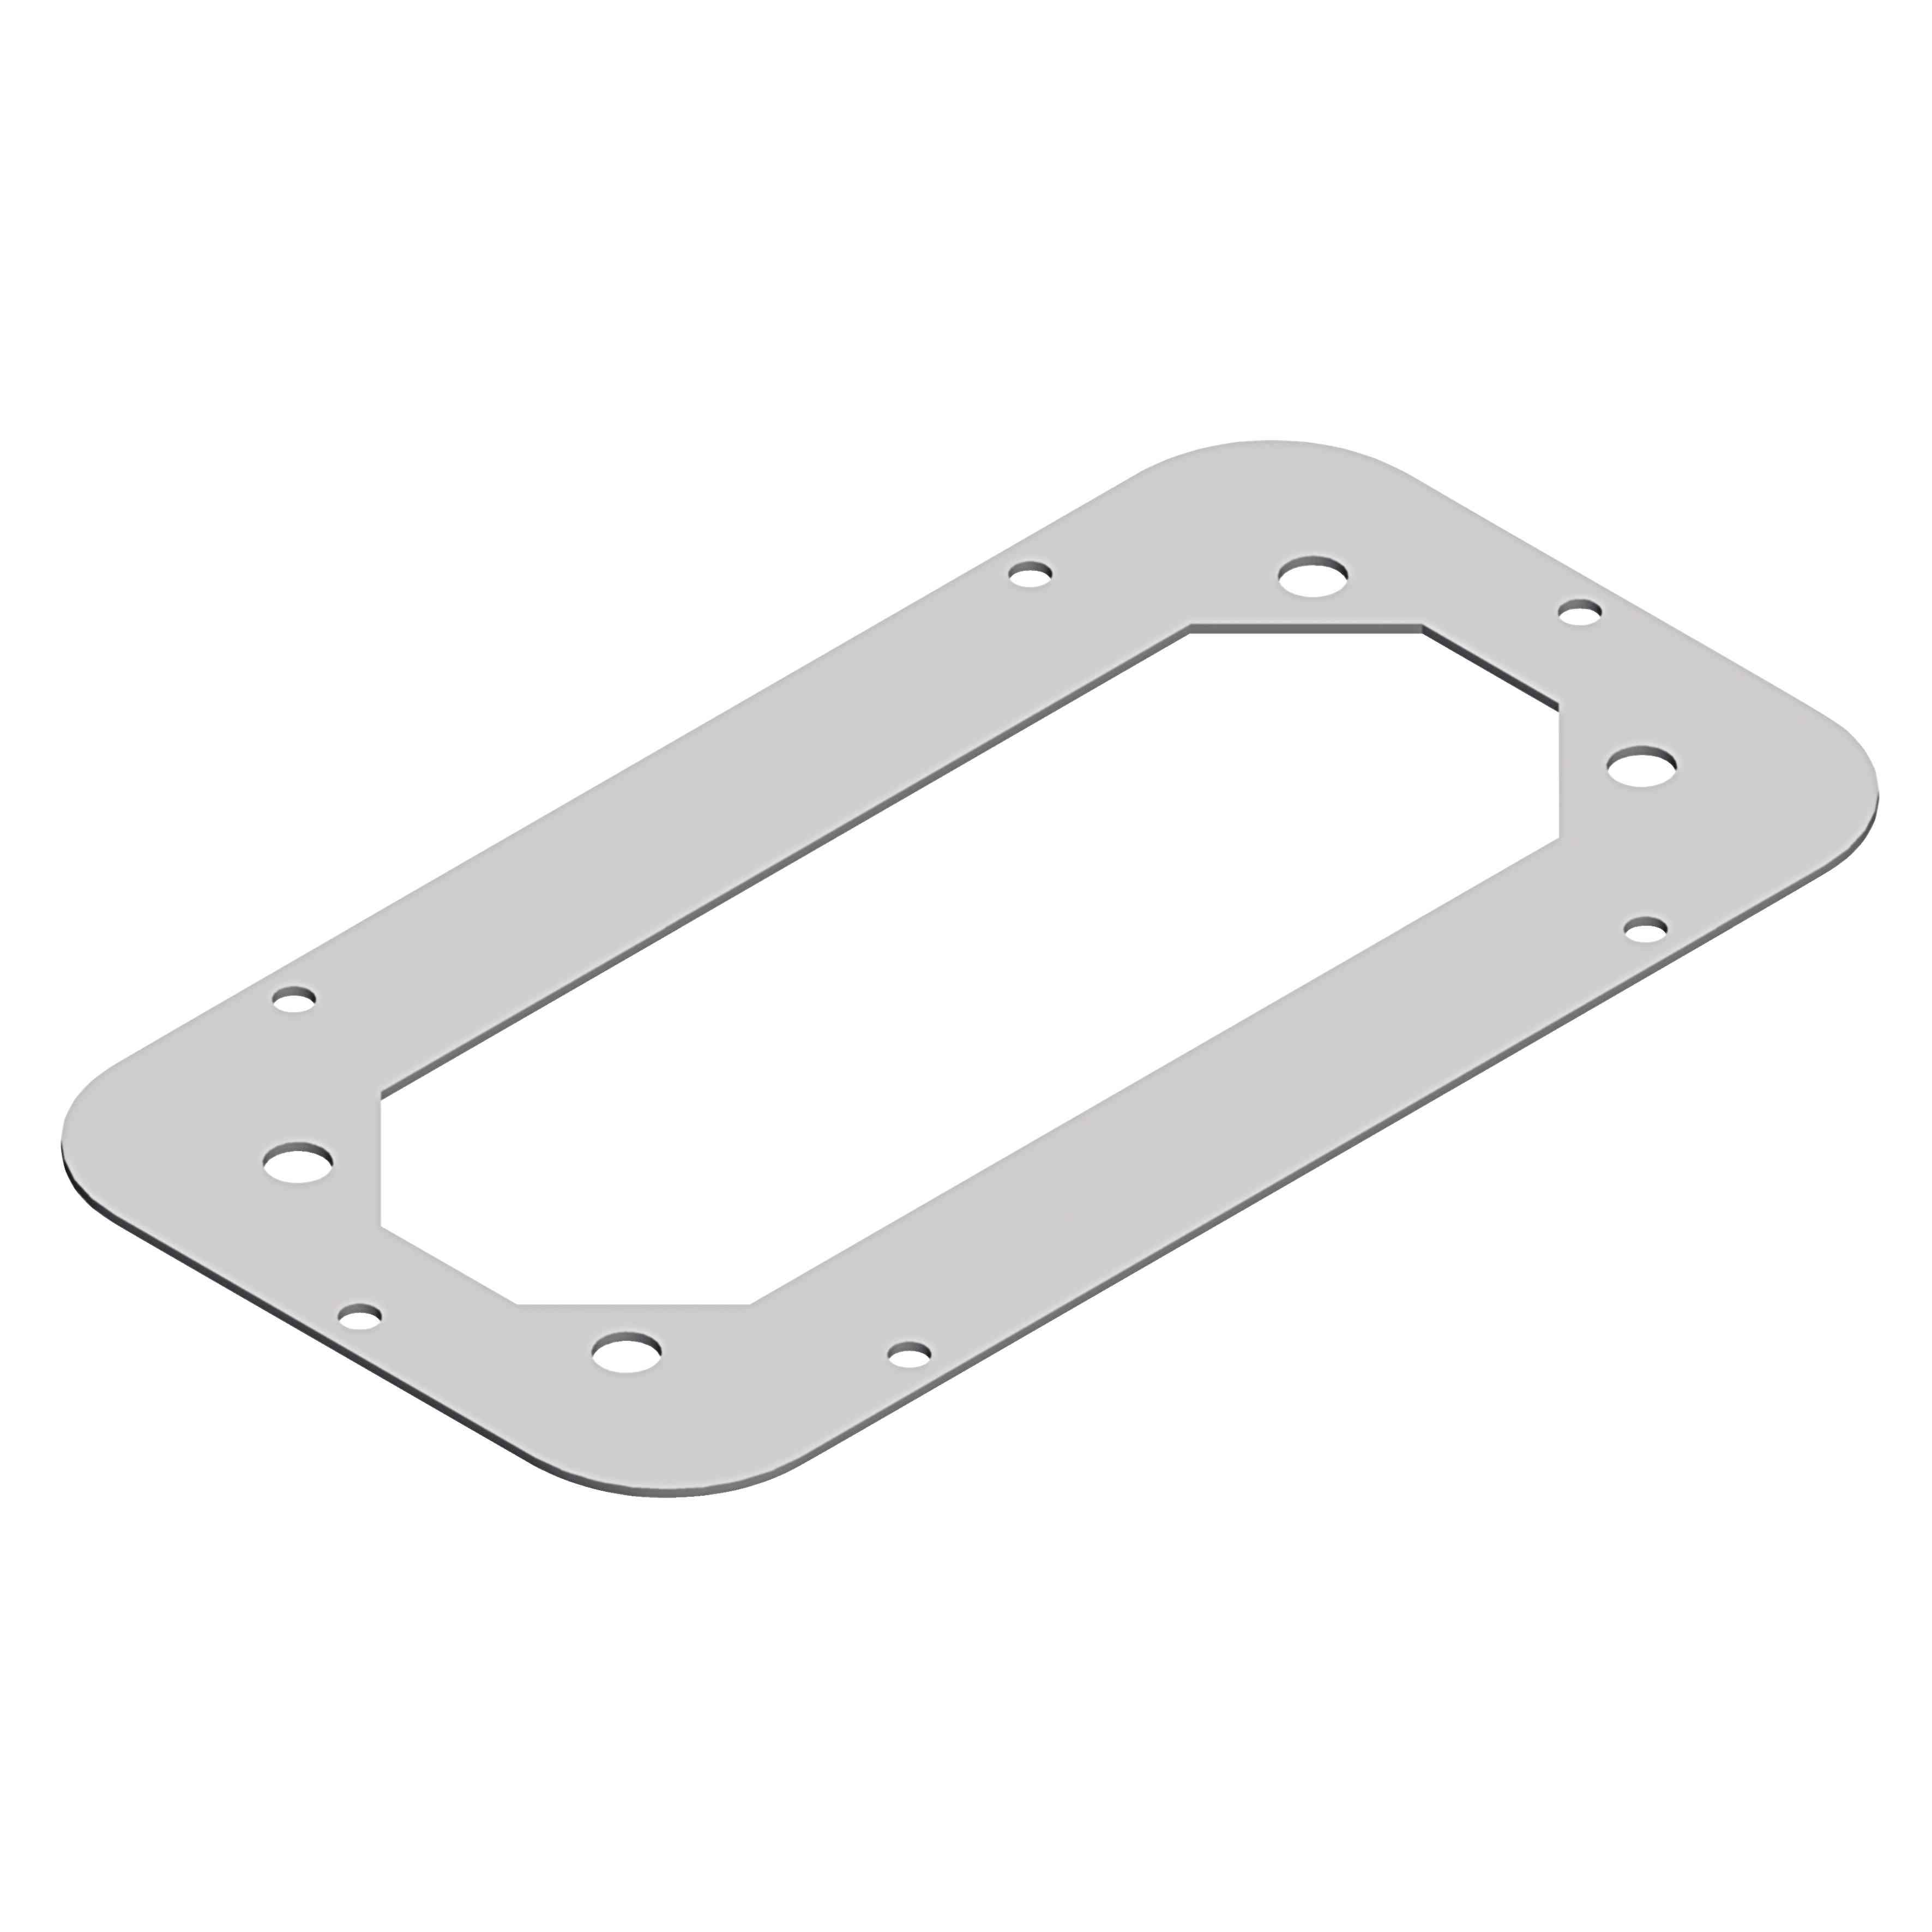 Standard za omaro Spacial S3D RAL7035, D 245 x Š 130